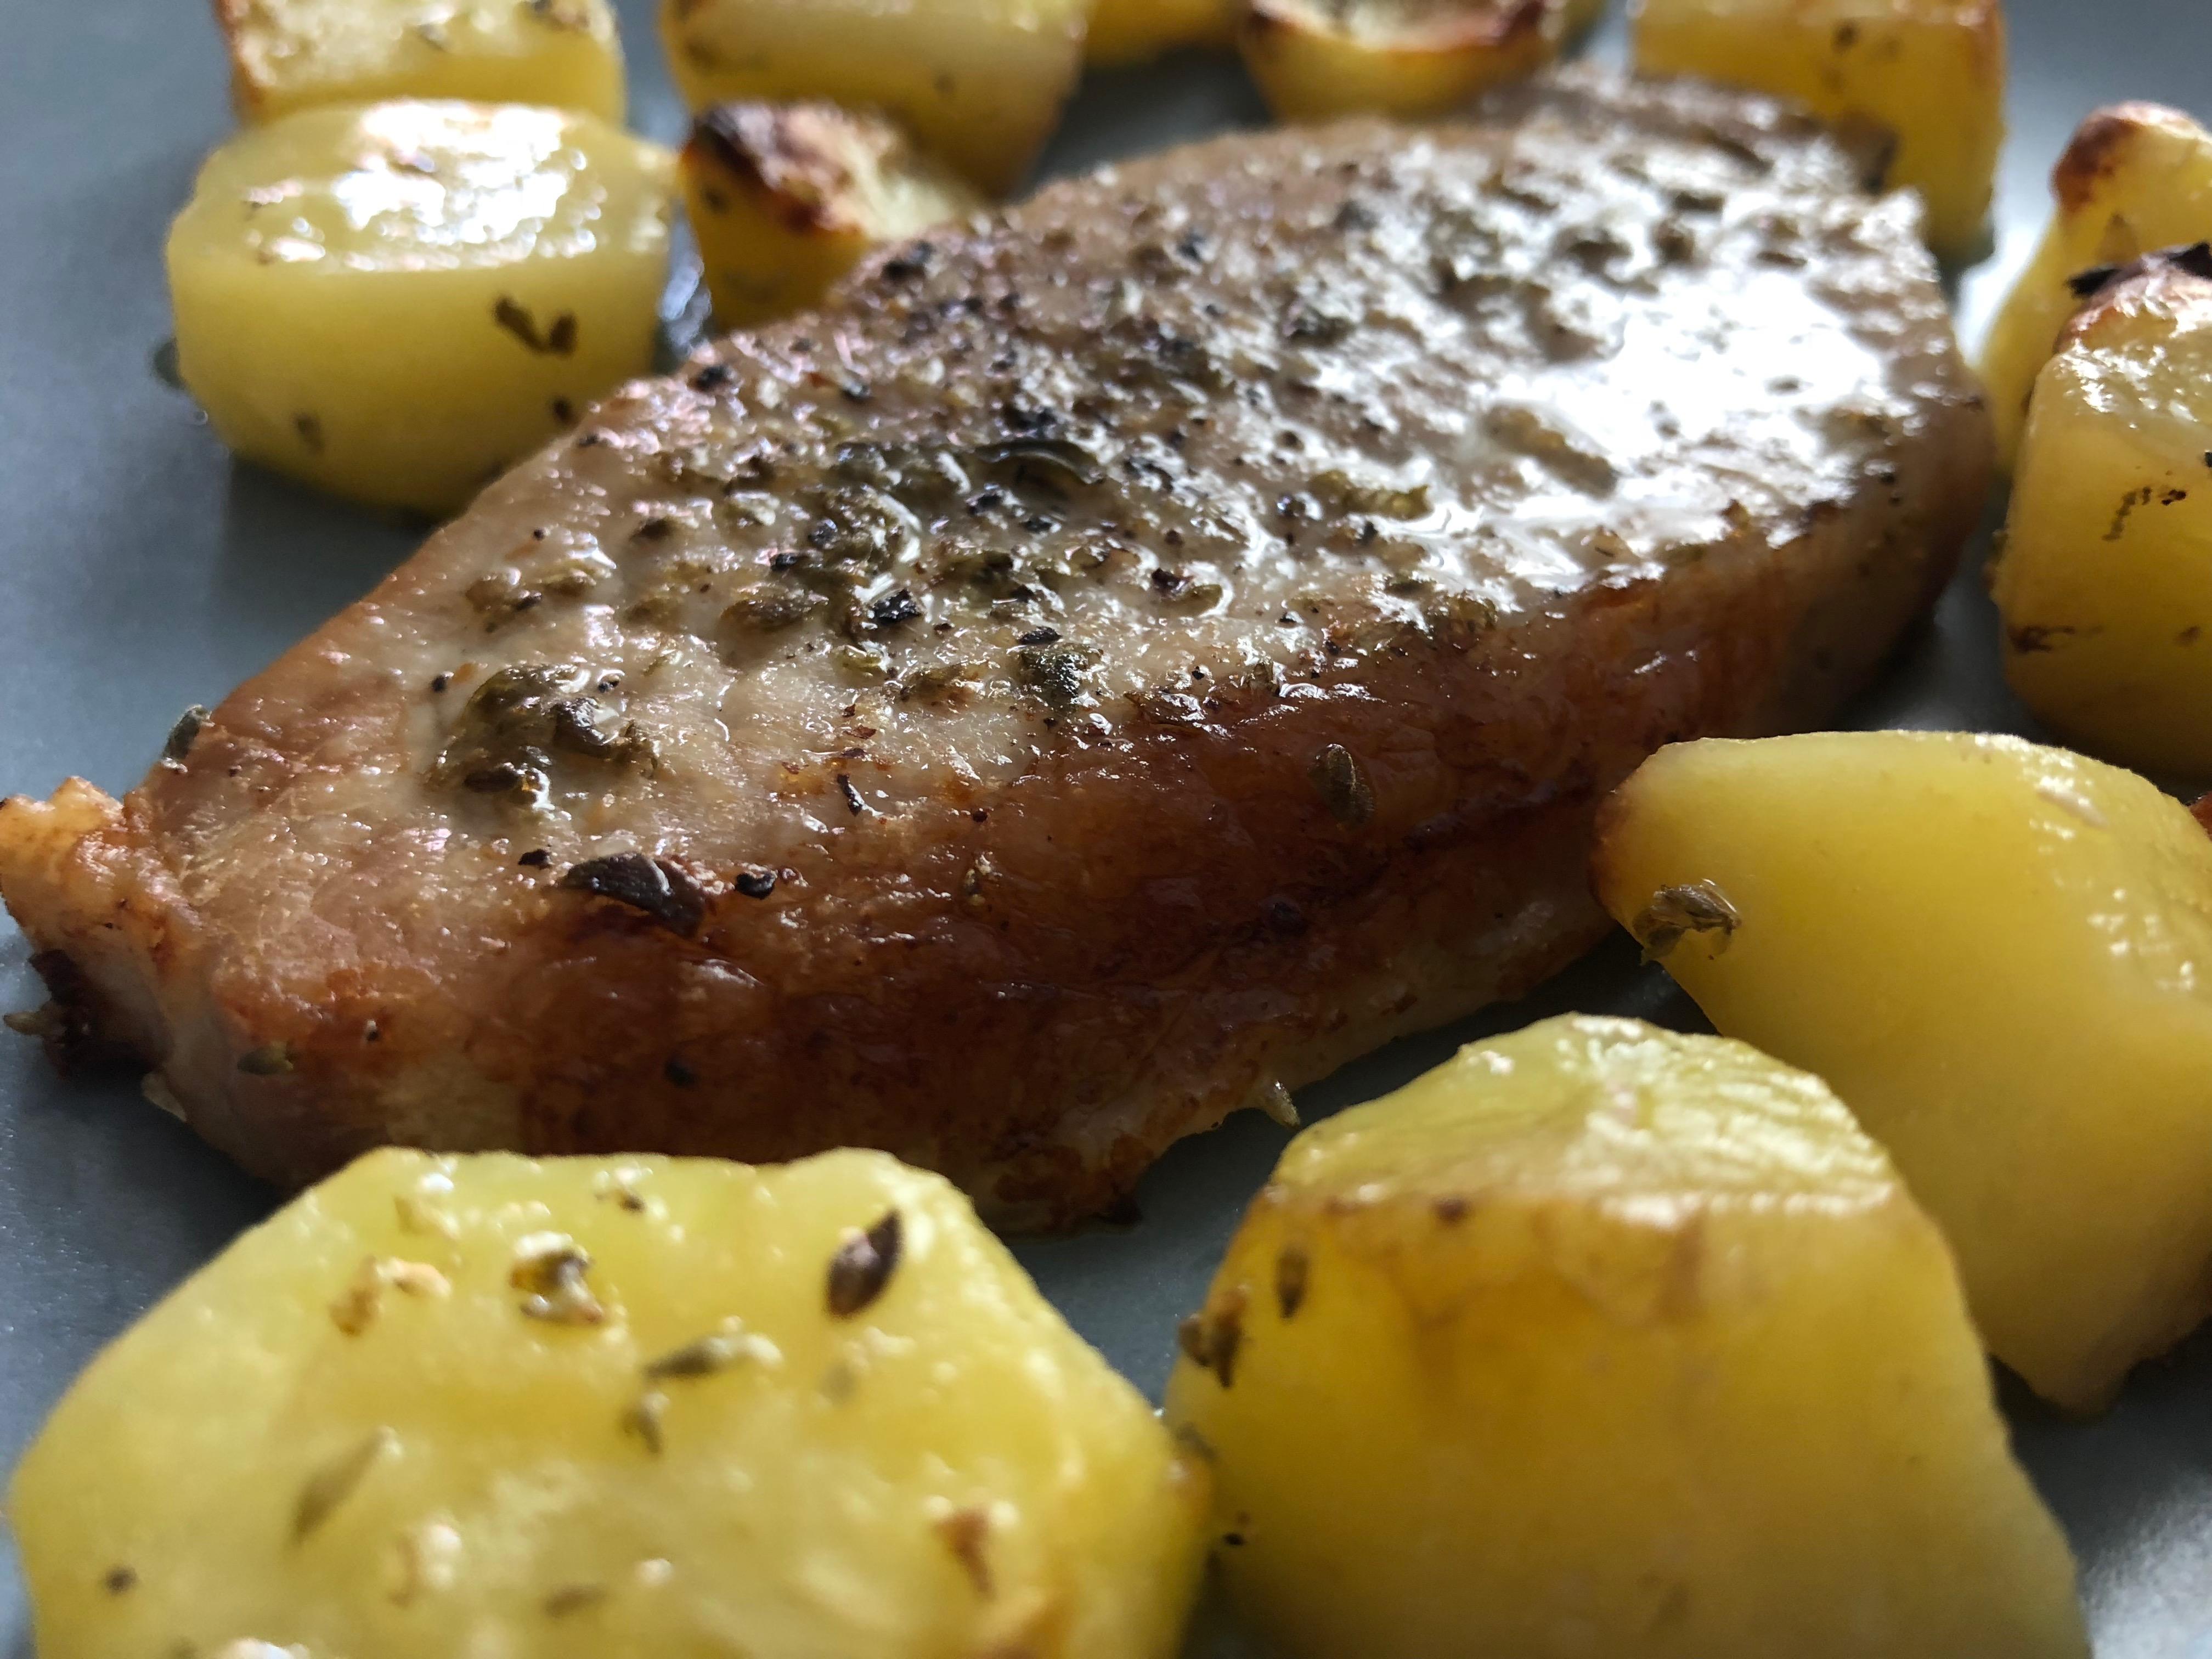 Brizoles sto fourno or Steaks in the oven